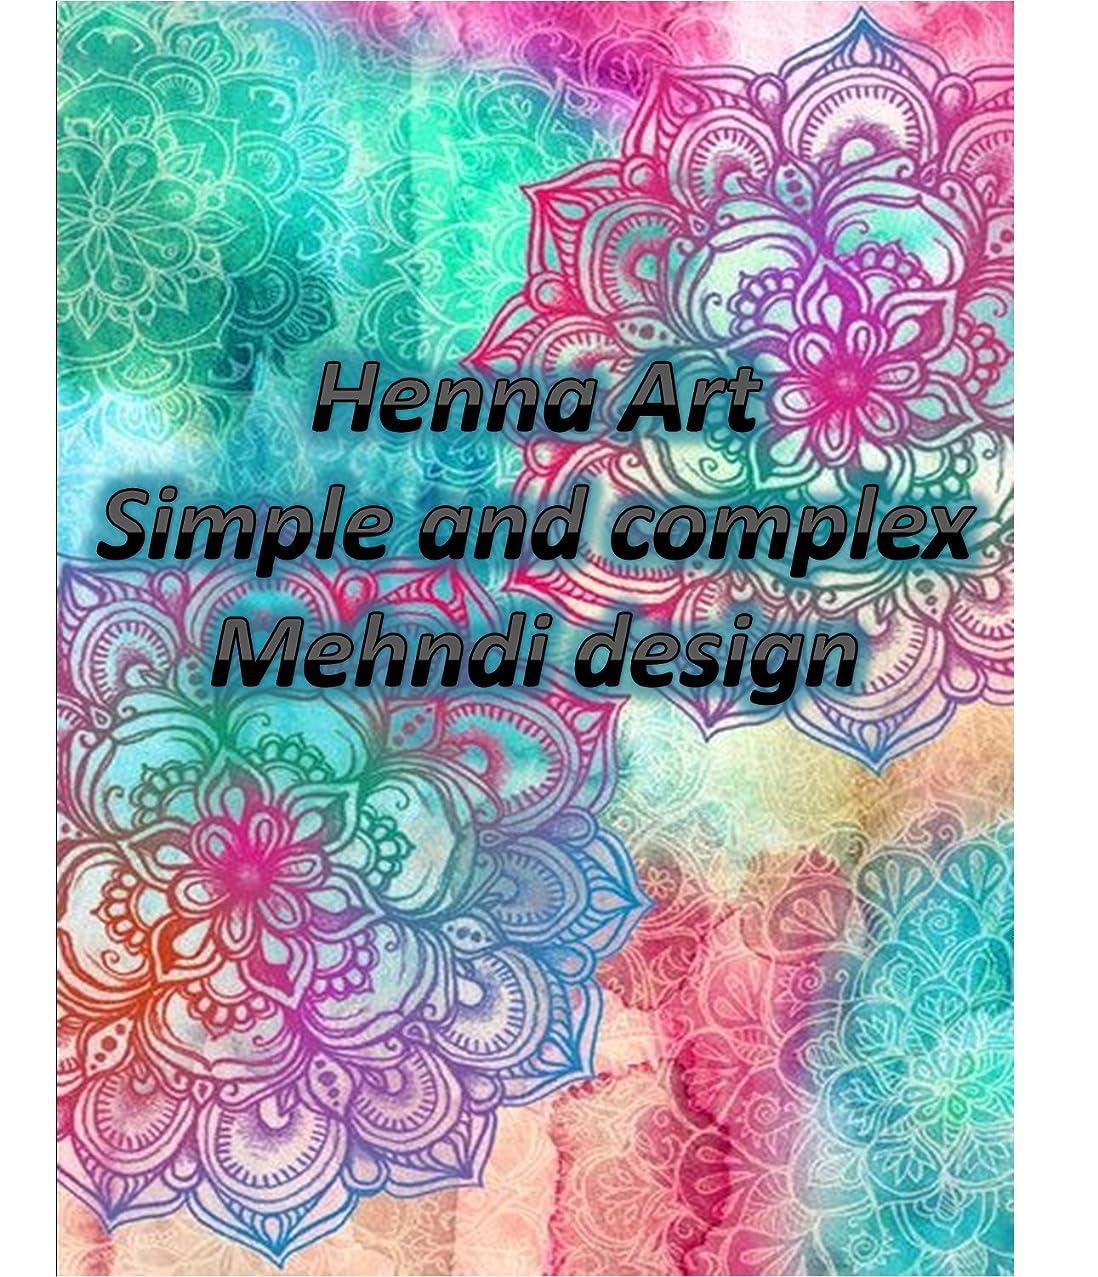 承認する隠す餌Henna Art: Simple to Complex Mehndi designs (English Edition)